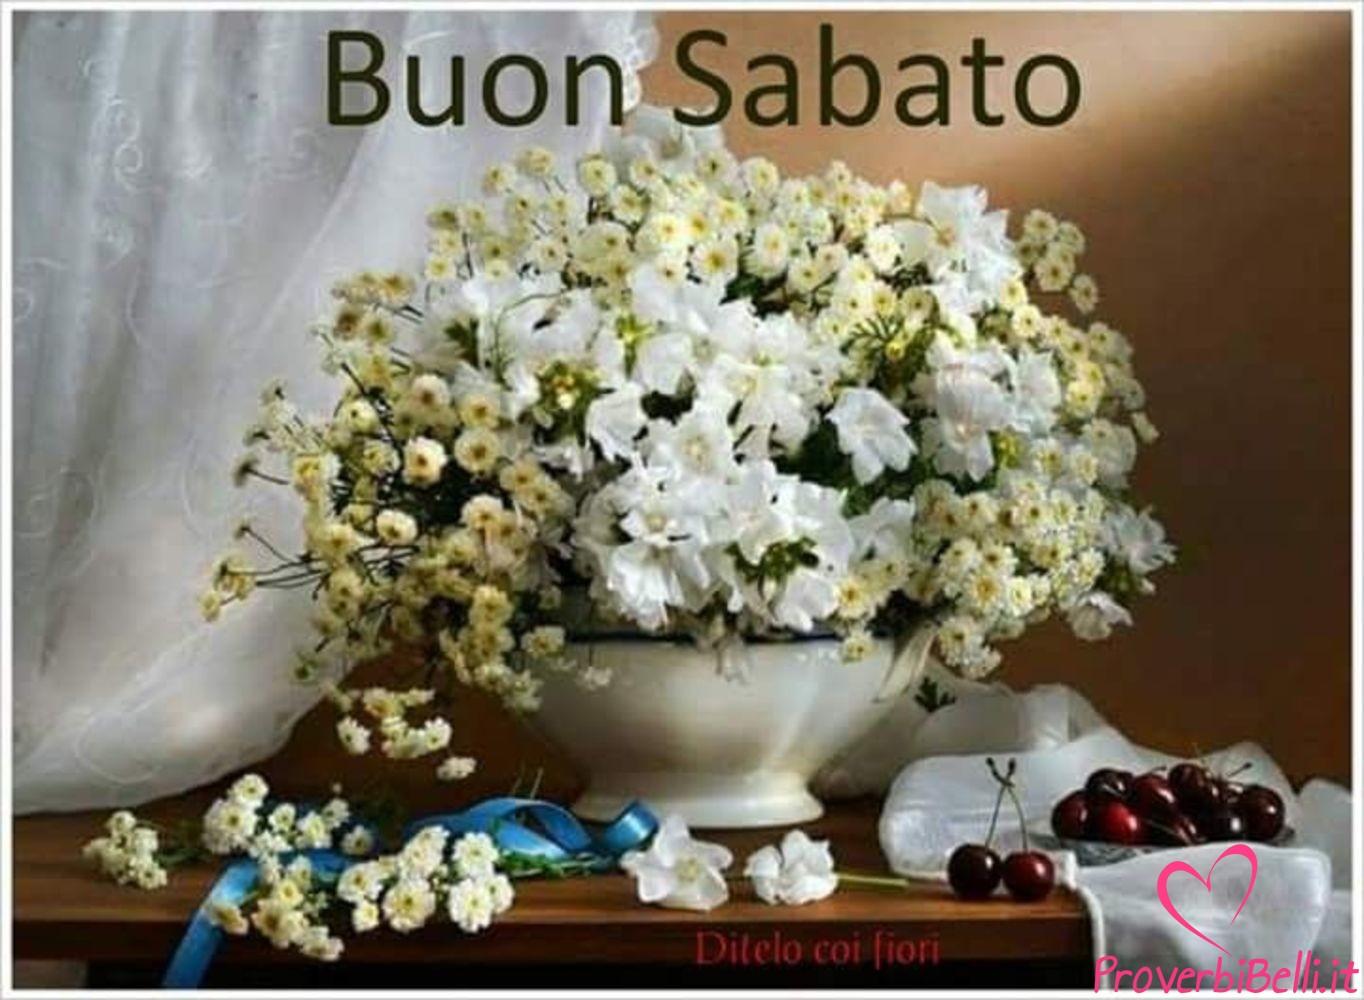 Belle-Immagini-Buongiorno-Sabato-Facebook-Whatsapp-227